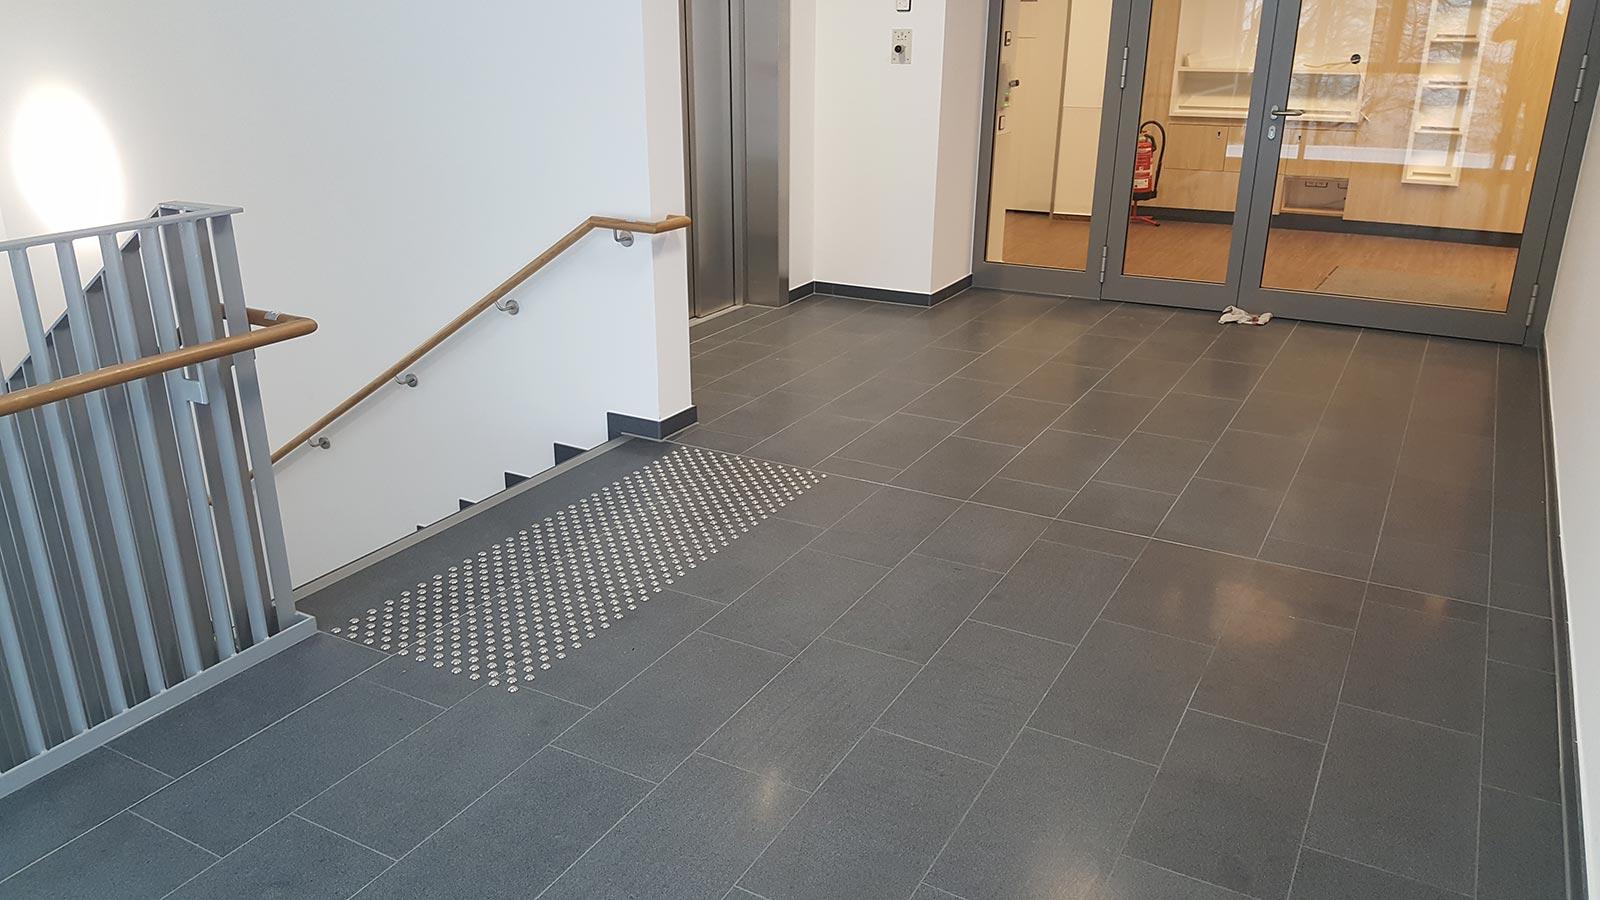 Natursteinarbeiten im Treppenhaus LWL-Krankenhaus Hemer